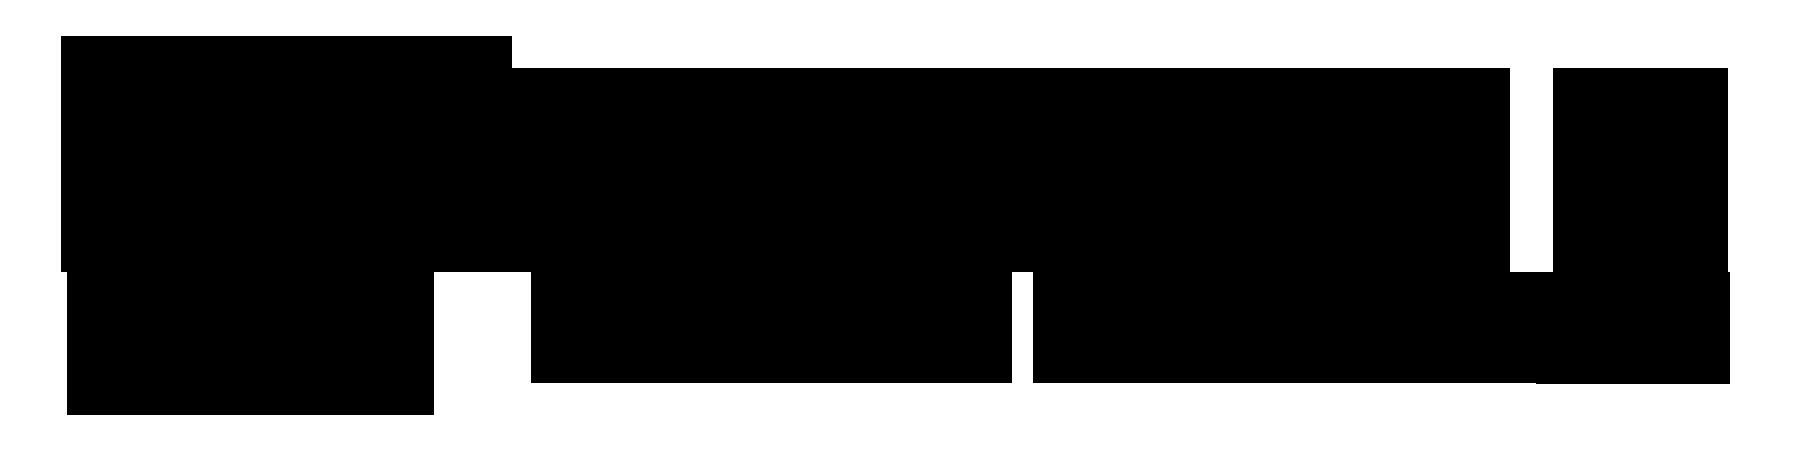 Yamaha Logo (Transparent) Hi Res